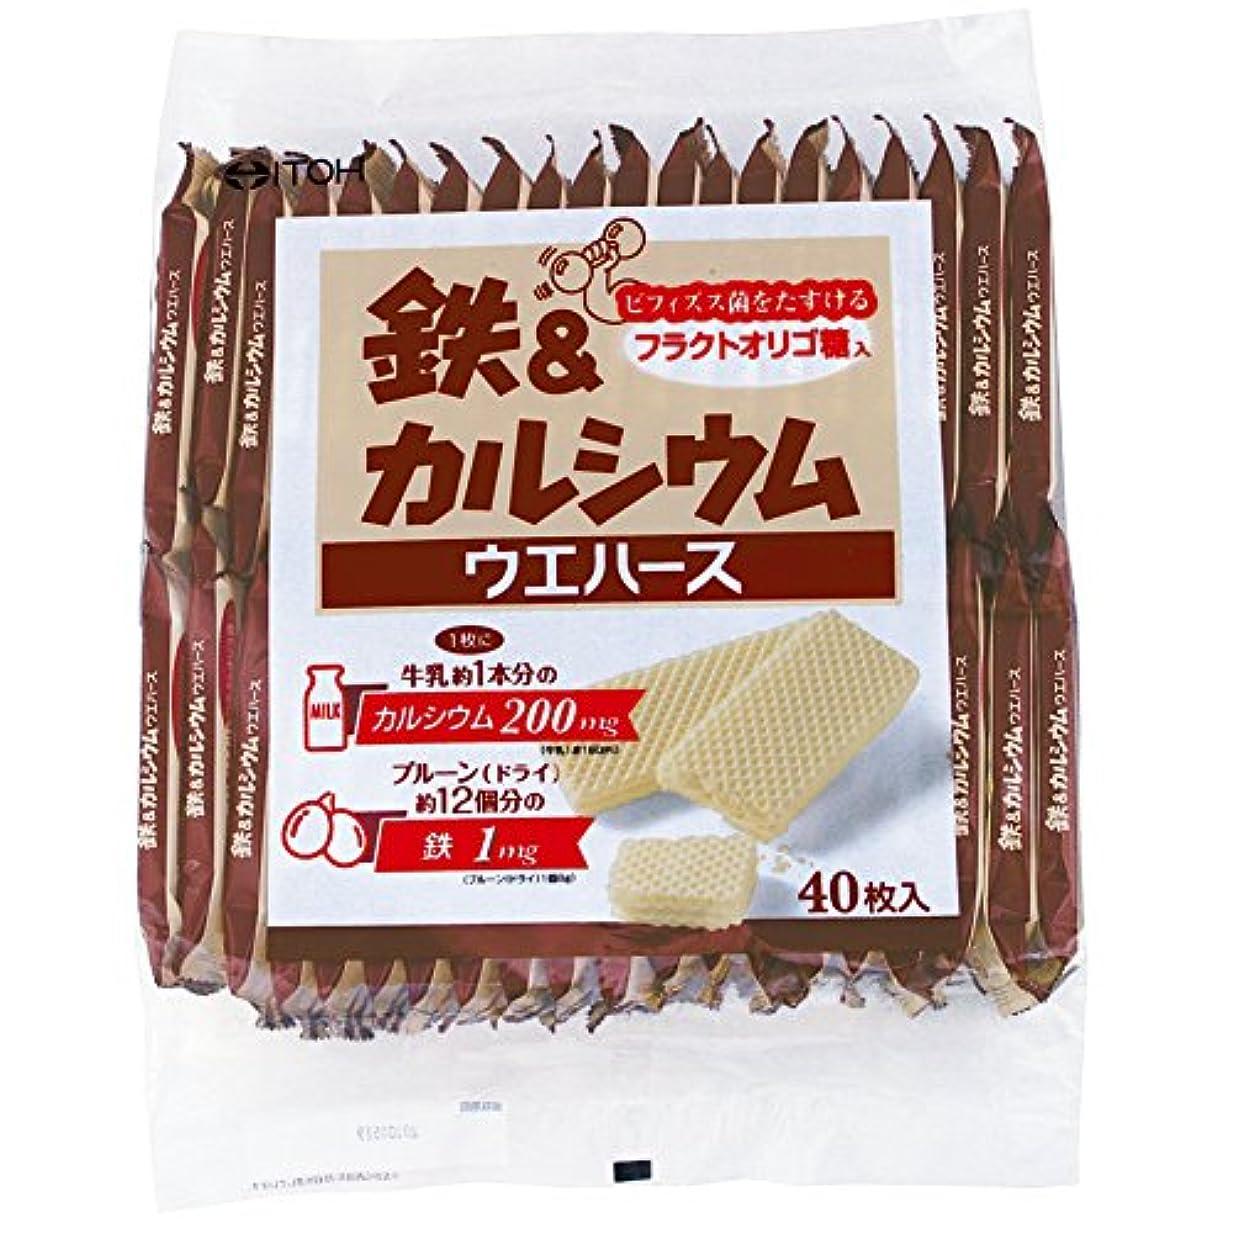 収まる指定矢印井藤漢方製薬 鉄&カルシウムウエハース 40枚